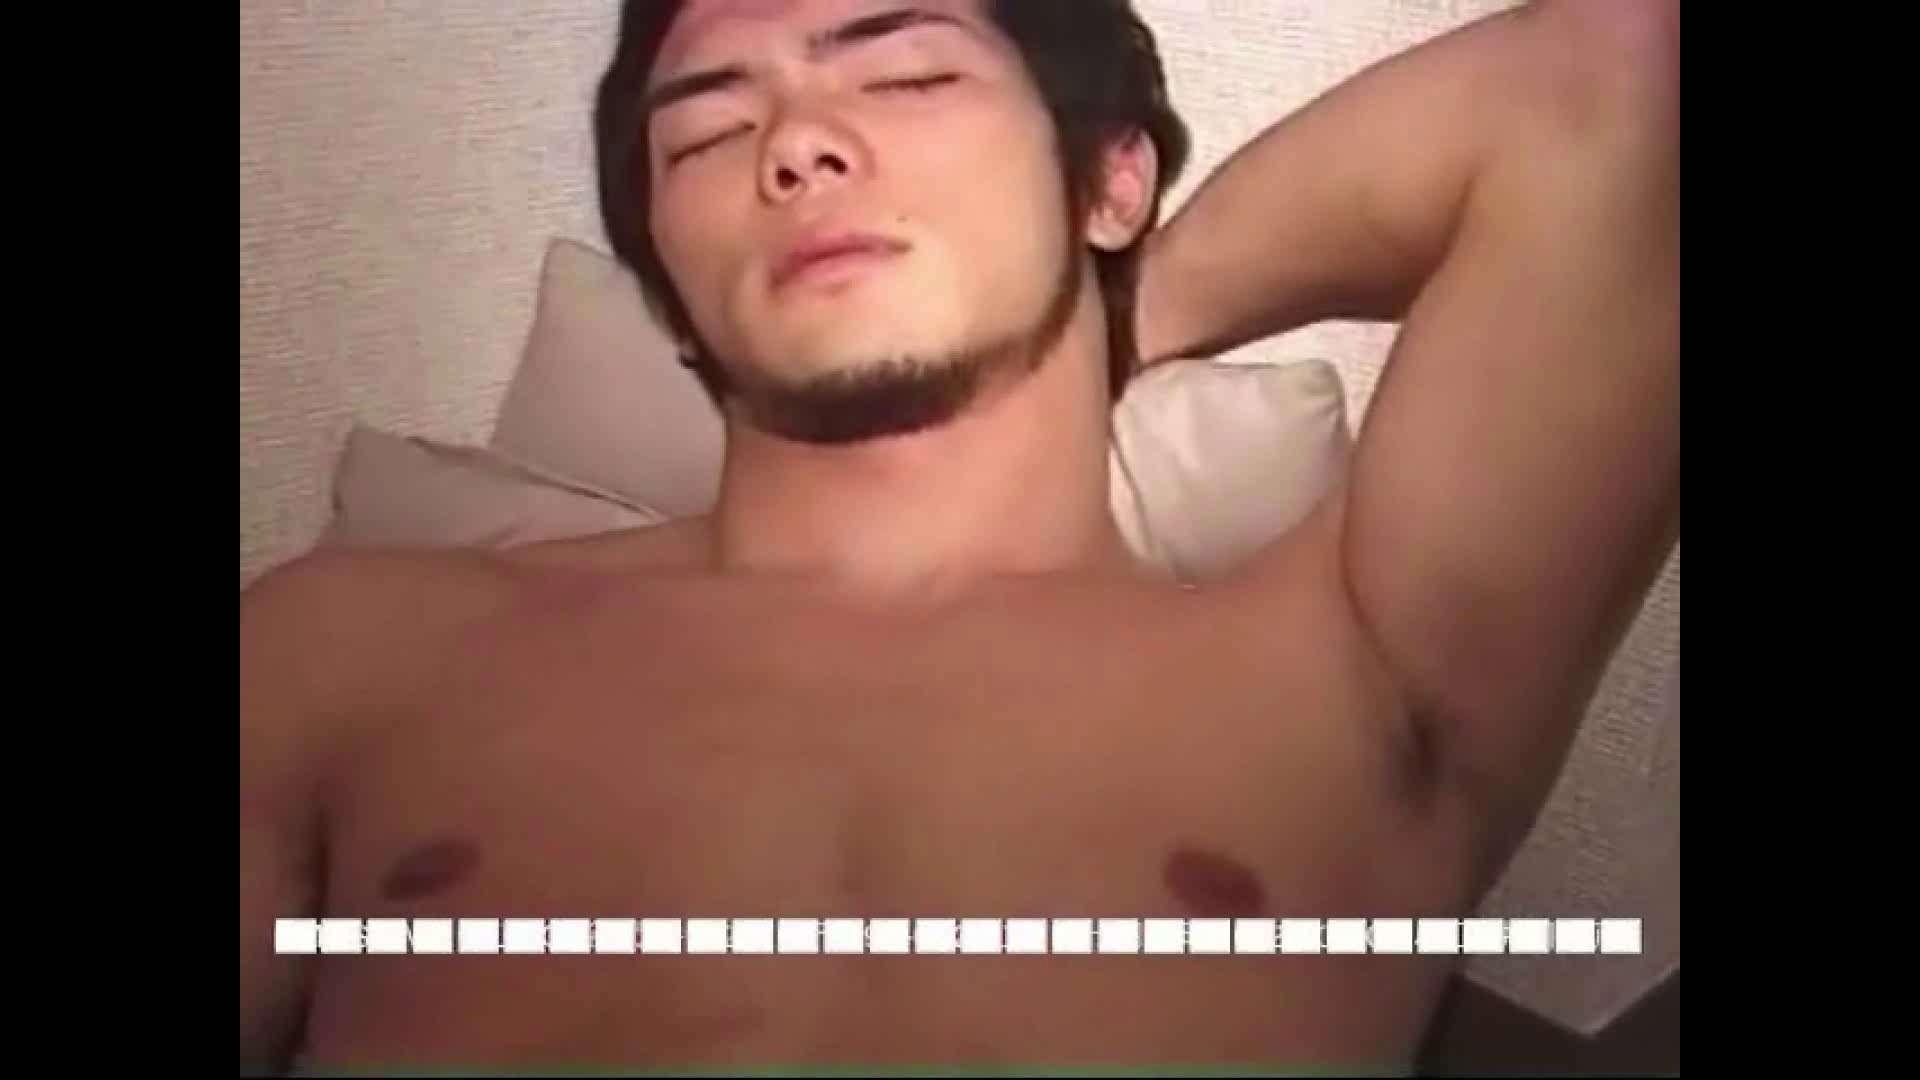 オナれ!集まれ!イケてるメンズ達!!File.06 ノンケ 男同士画像 103連発 58